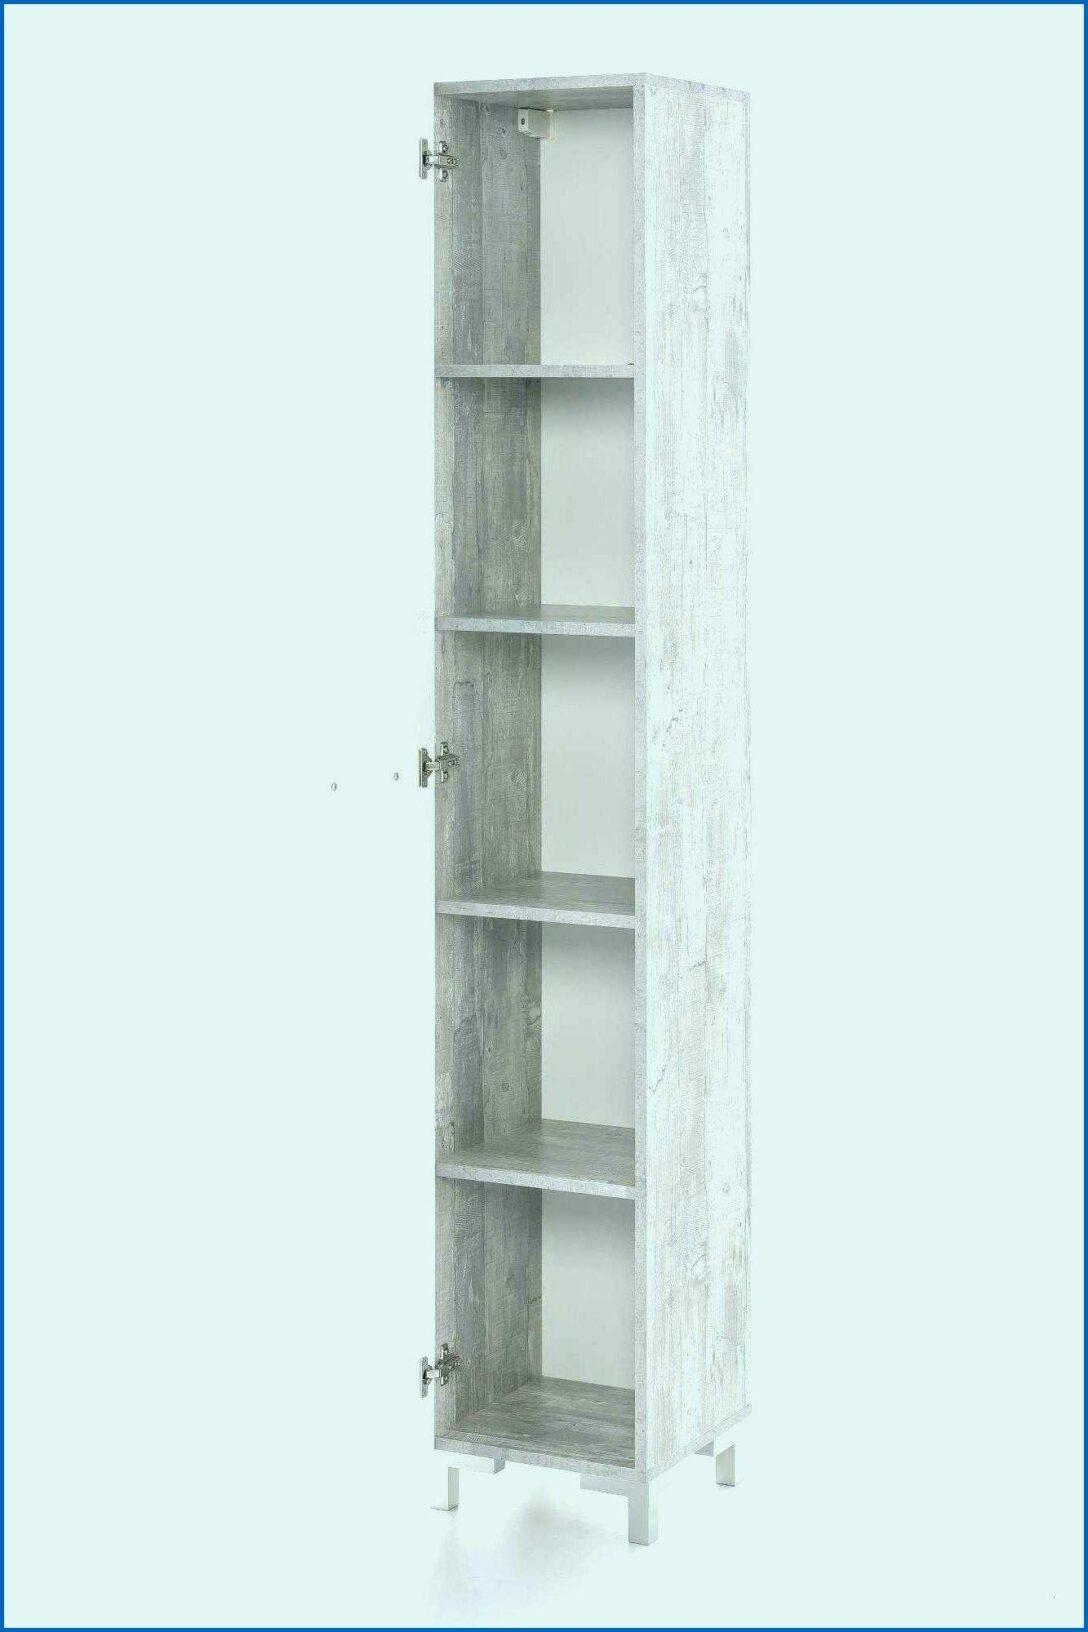 Large Size of Regal 25 Cm Tief Breit With Perfect 80 Hoch Raumteiler Wandregal Küche Gastro Kinderzimmer Weiß Hochglanz Cd Holz Mit Schubladen Regale Aus Kisten 60 Regal Regal 25 Cm Tief